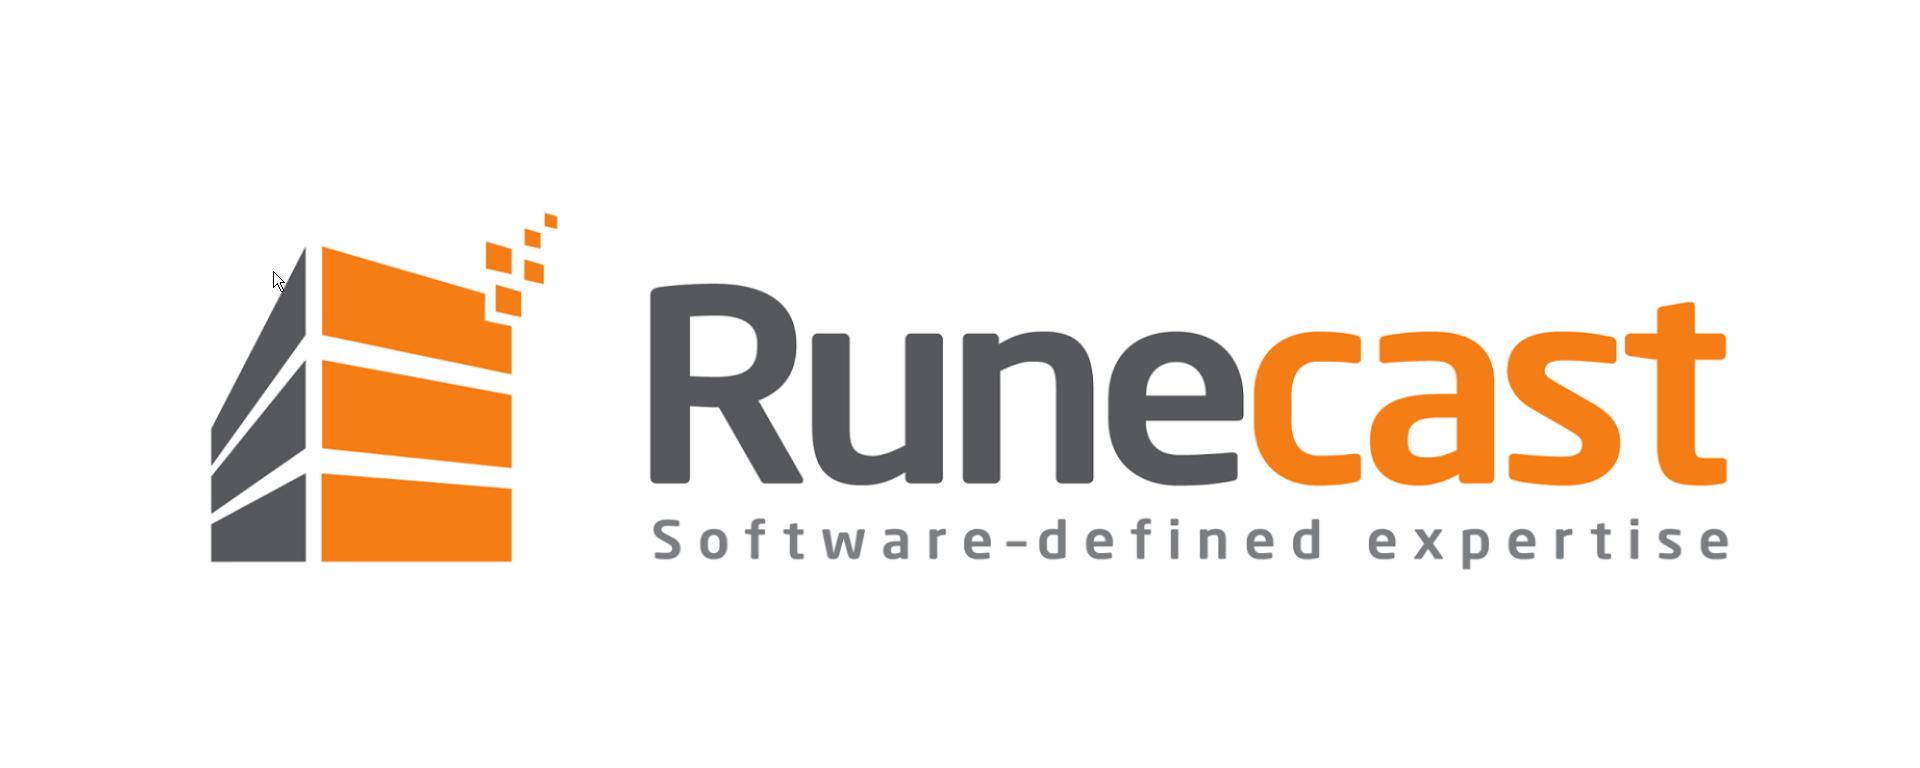 Runecast company logo